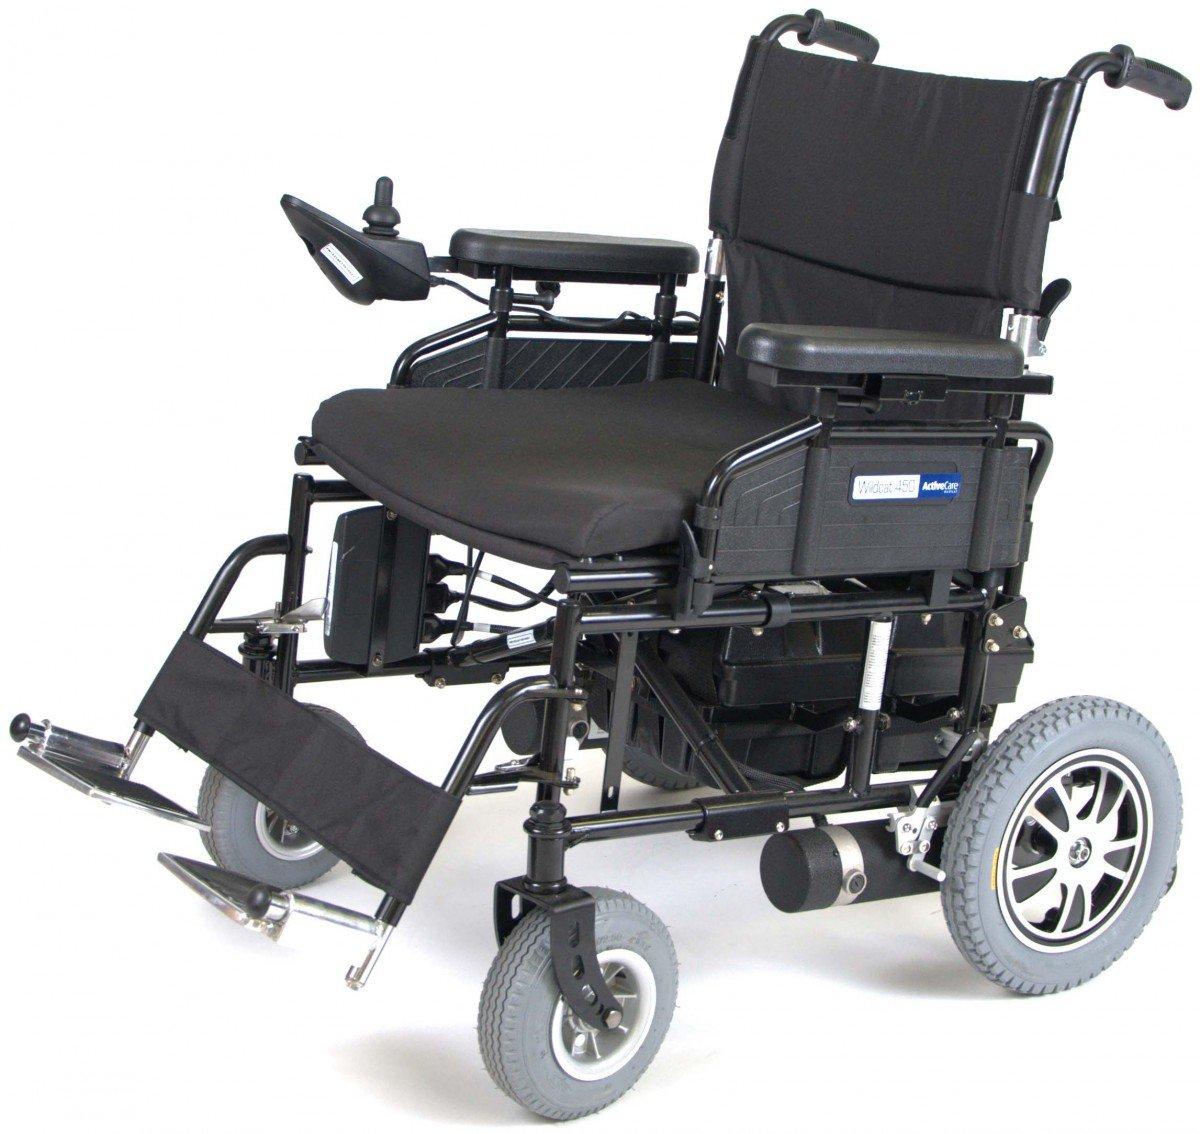 Buy Wildcat 450 Heavy Duty Folding Power Wheelchair